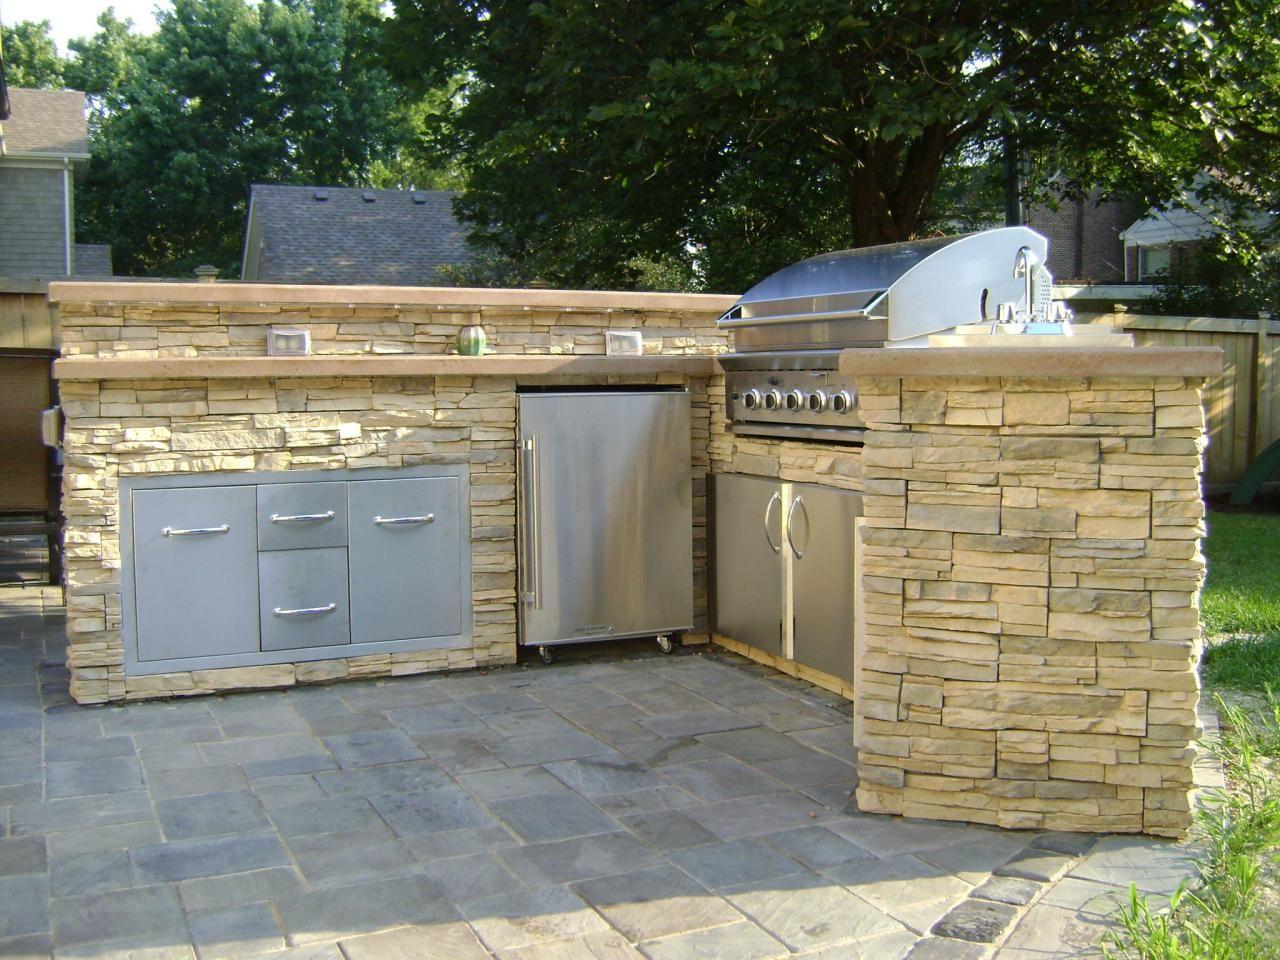 Schränke Für Außenküche : Outdoor küche kabinette outdoor küche schränke u2013 beim einkauf für